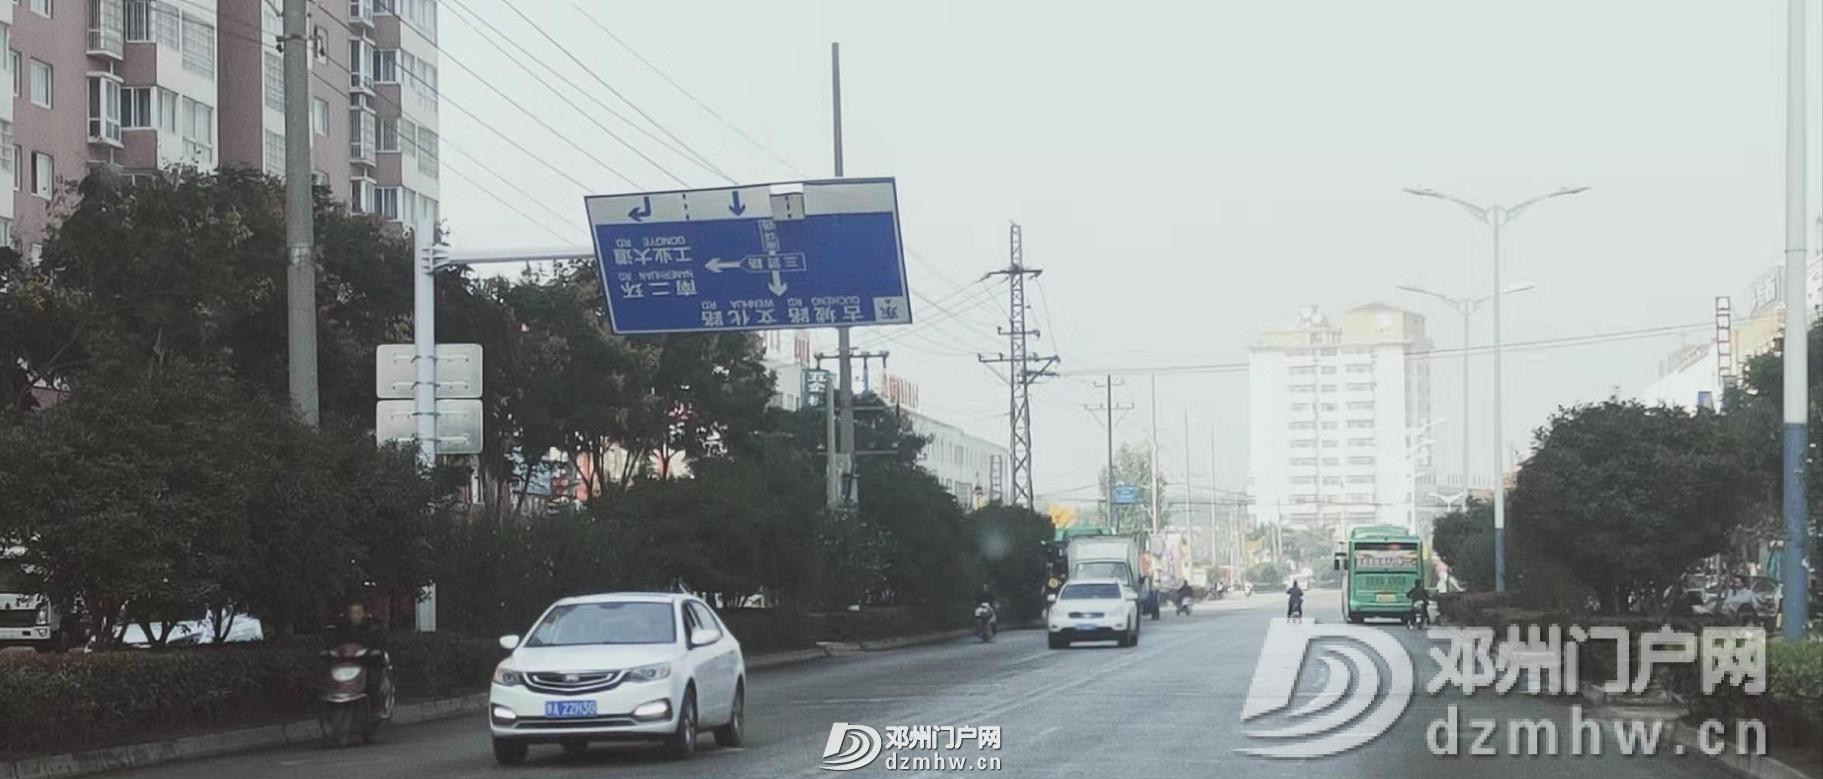 邓州司机看到南一环这个道路指示牌都蒙圈了!不信你看… - 邓州门户网|邓州网 - ac1d899e0309aa53d3dca8ebb3195591.jpg